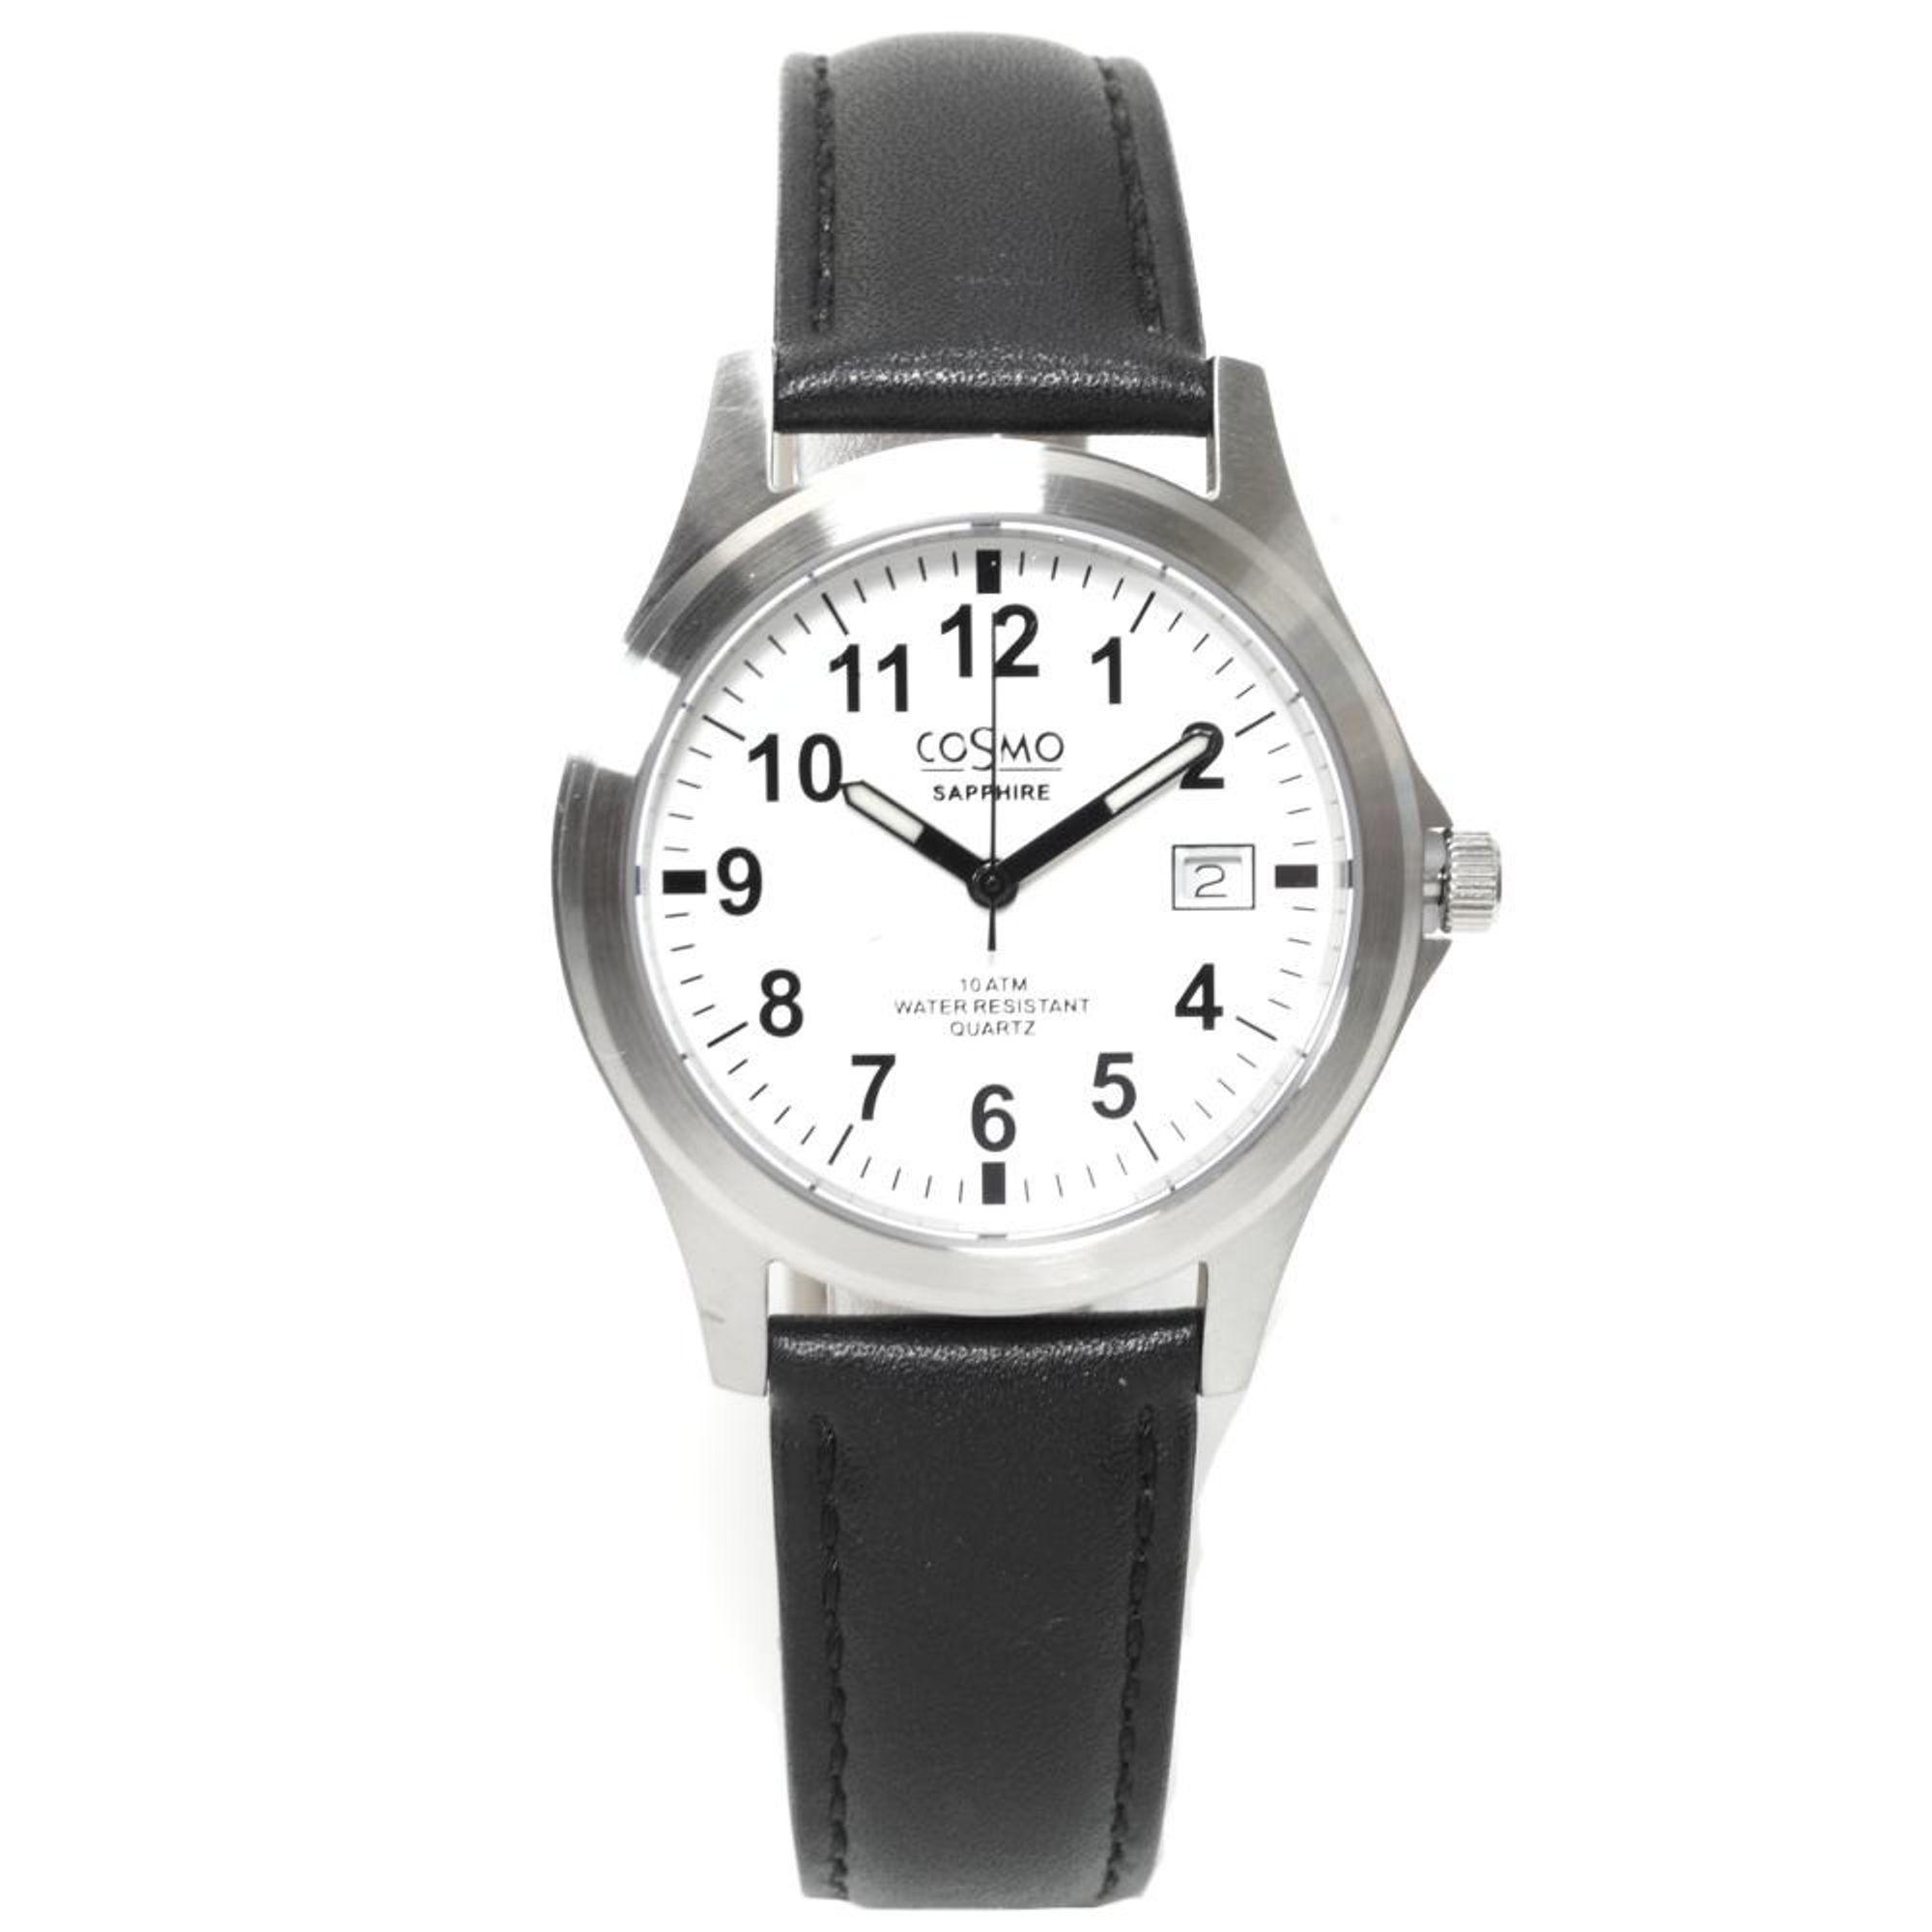 Cosmo 033004RLB-weiß-1 Uhr Herrenuhr Lederarmband Datum schwarz